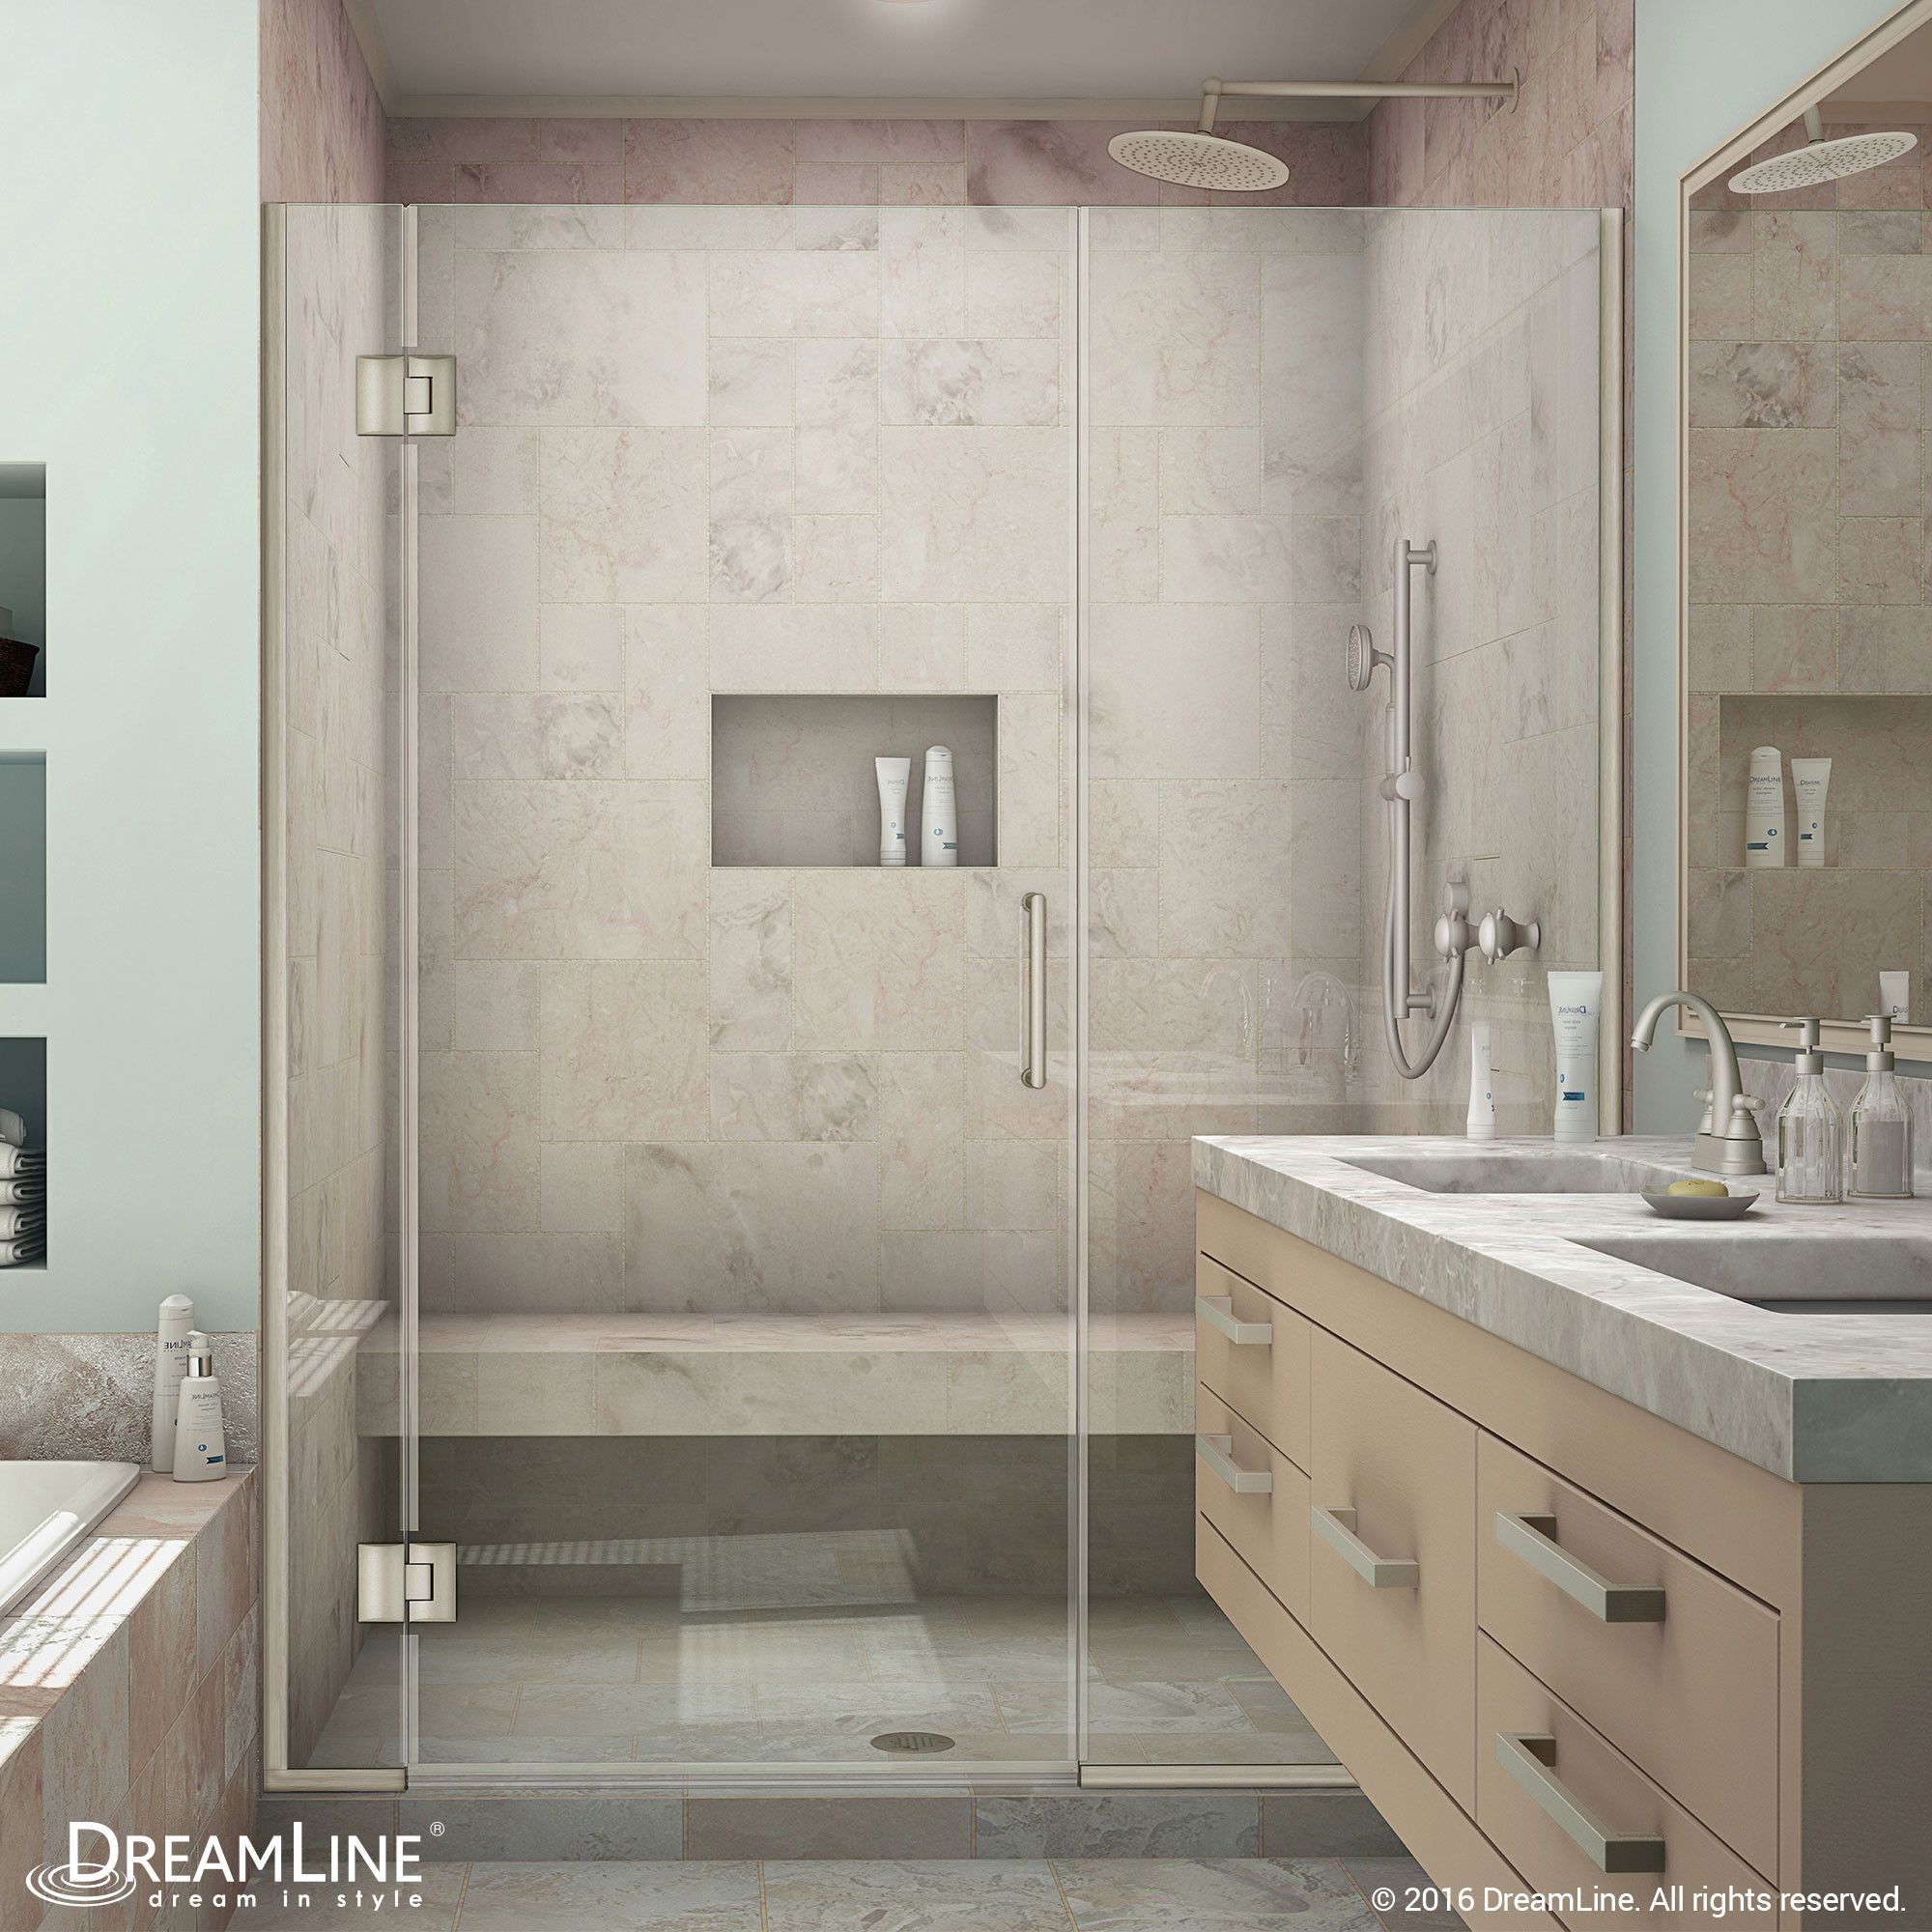 DreamLine D1281472-04 Brushed Nickel Unidoor-X 48 - 48 1/2 in. W x 72 in. H Hinged Shower Door